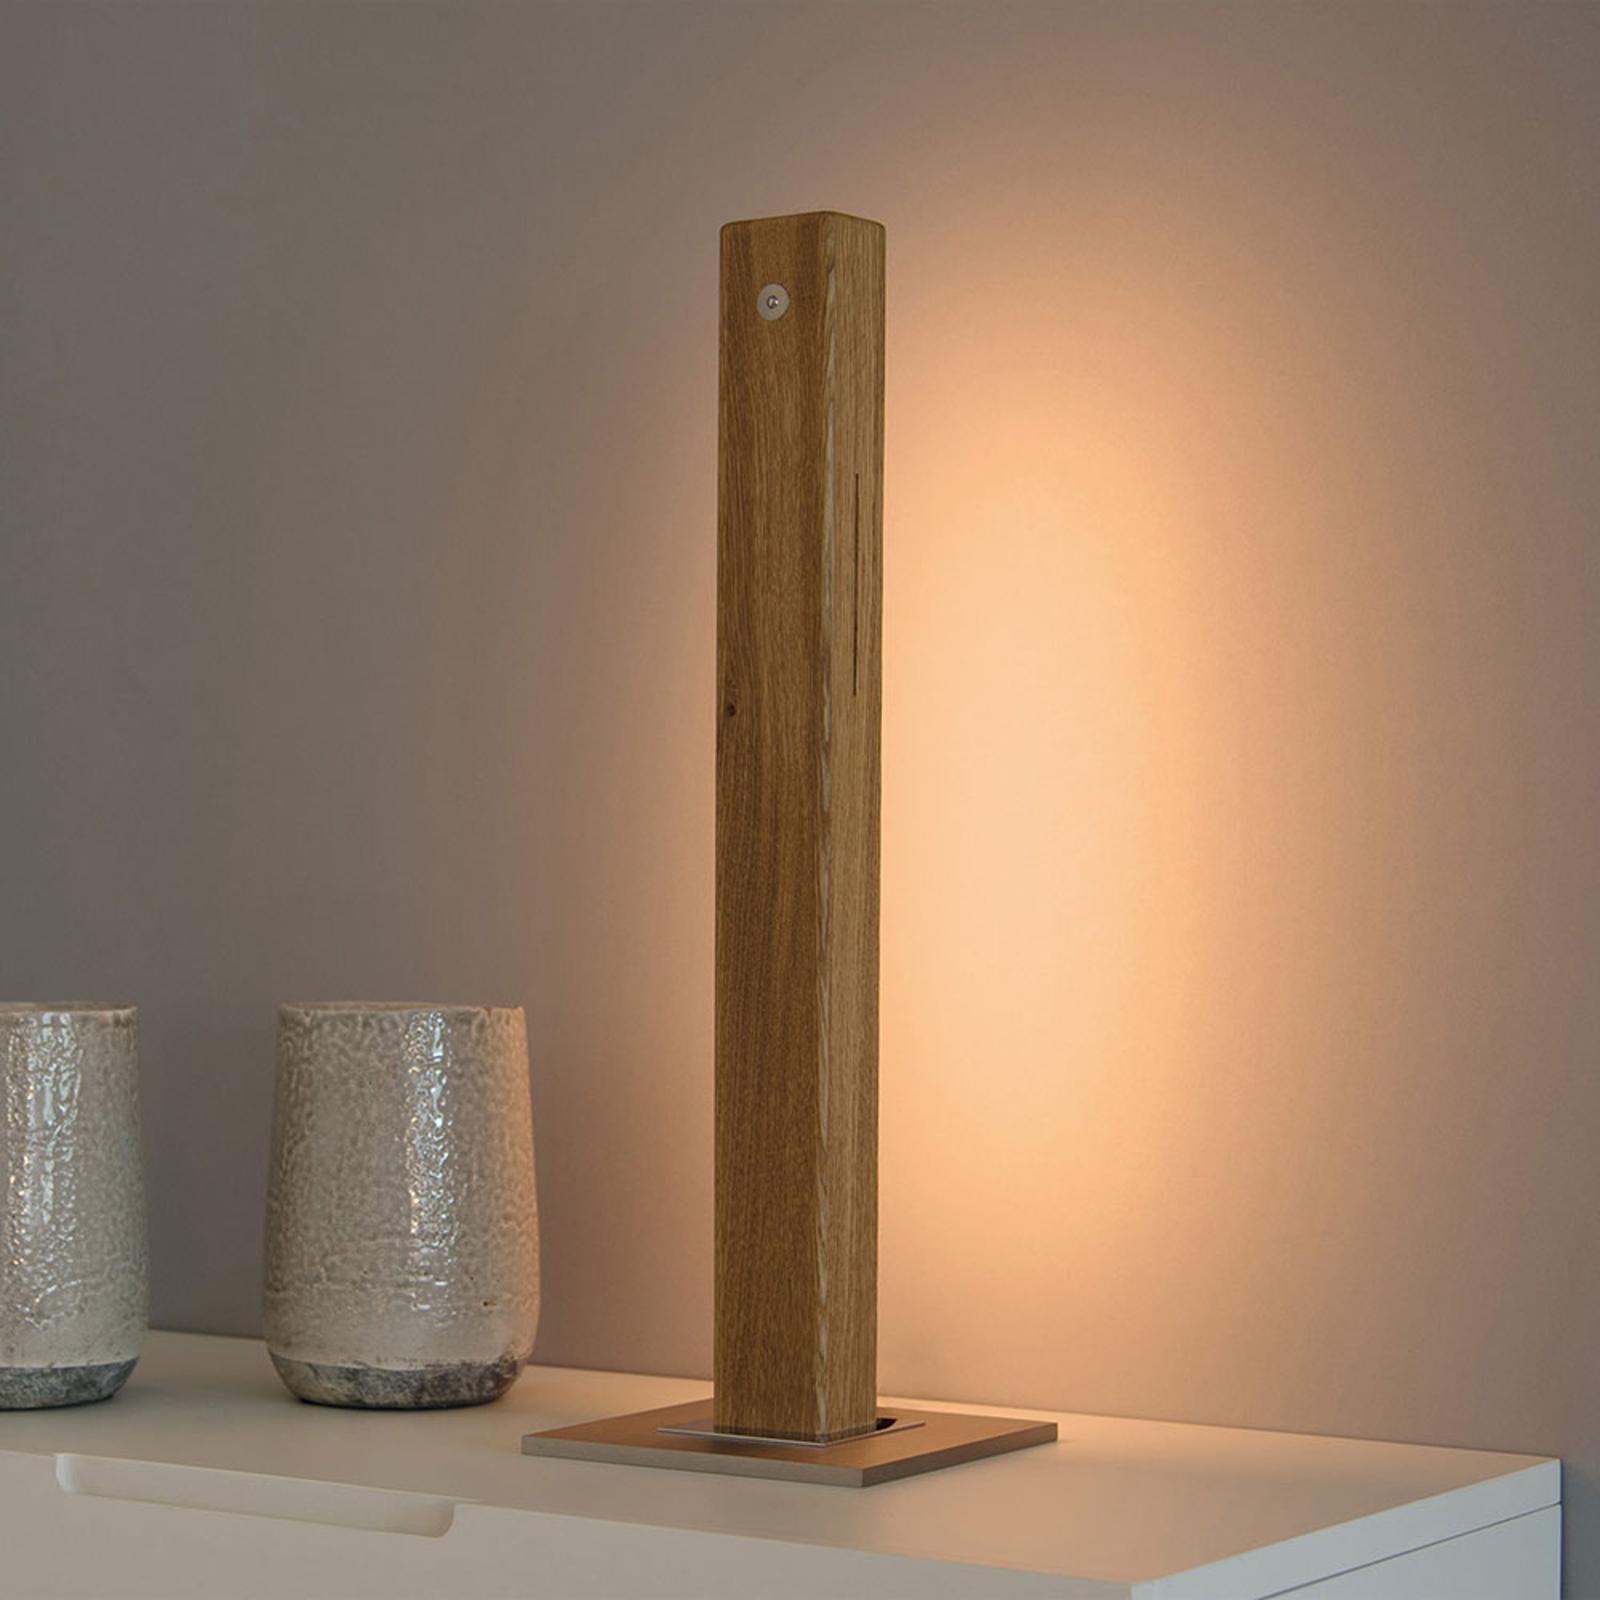 HerzBlut Leonora LED-bordlampe oljet eik